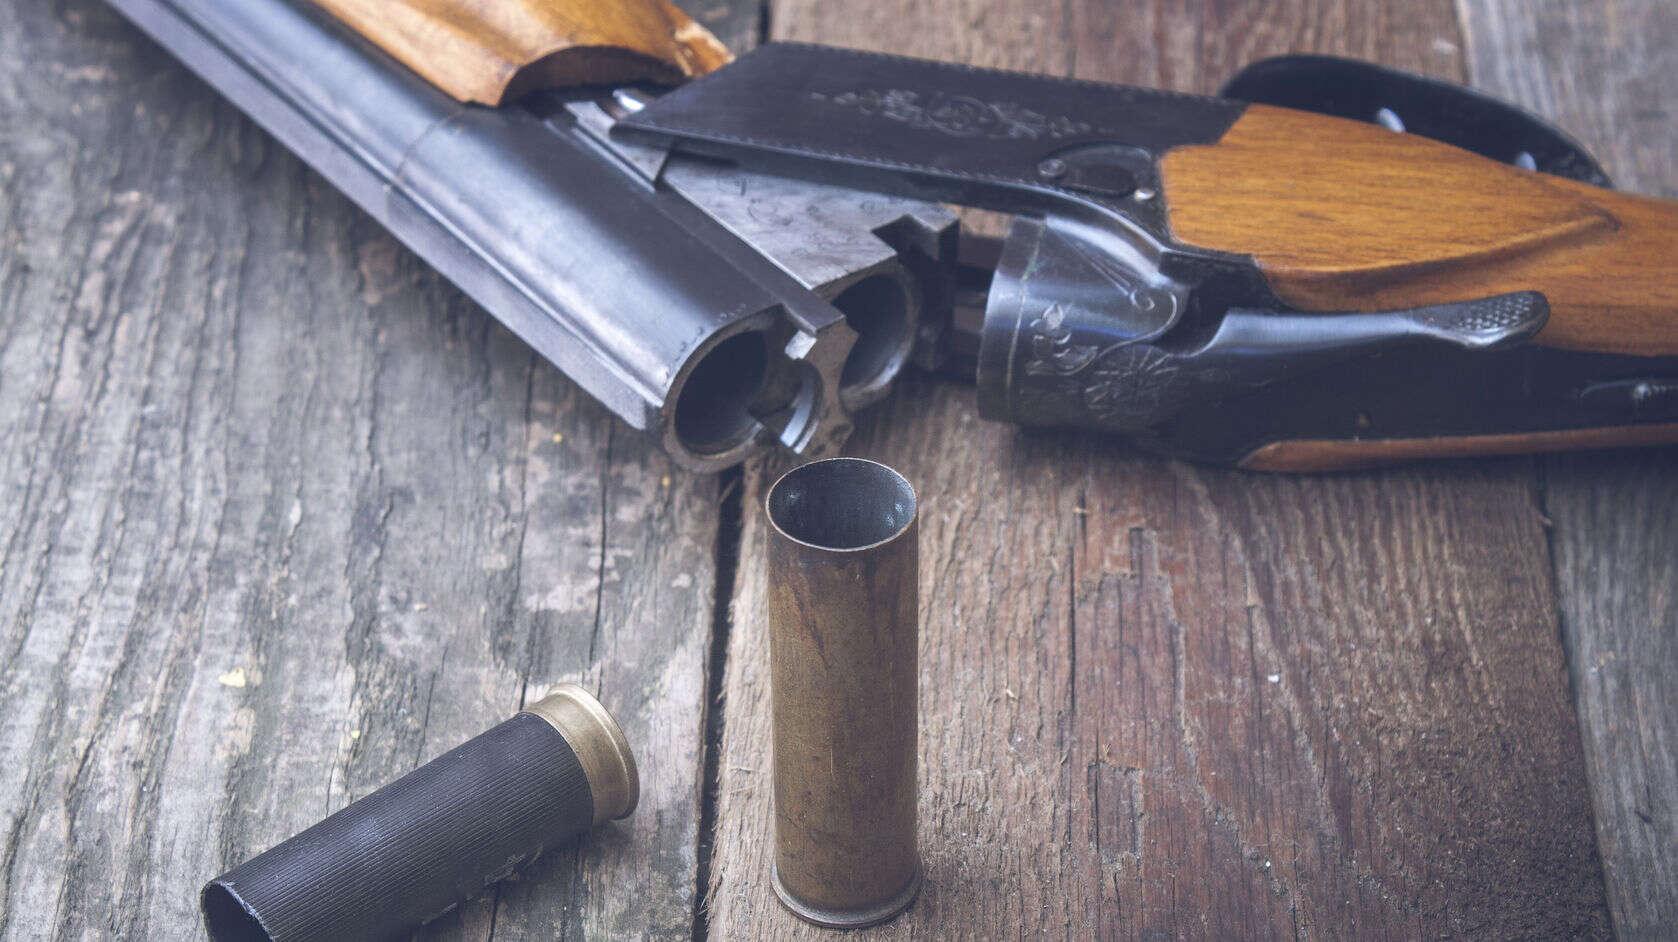 Patrone und Gewehr liegen auf einem Tisch